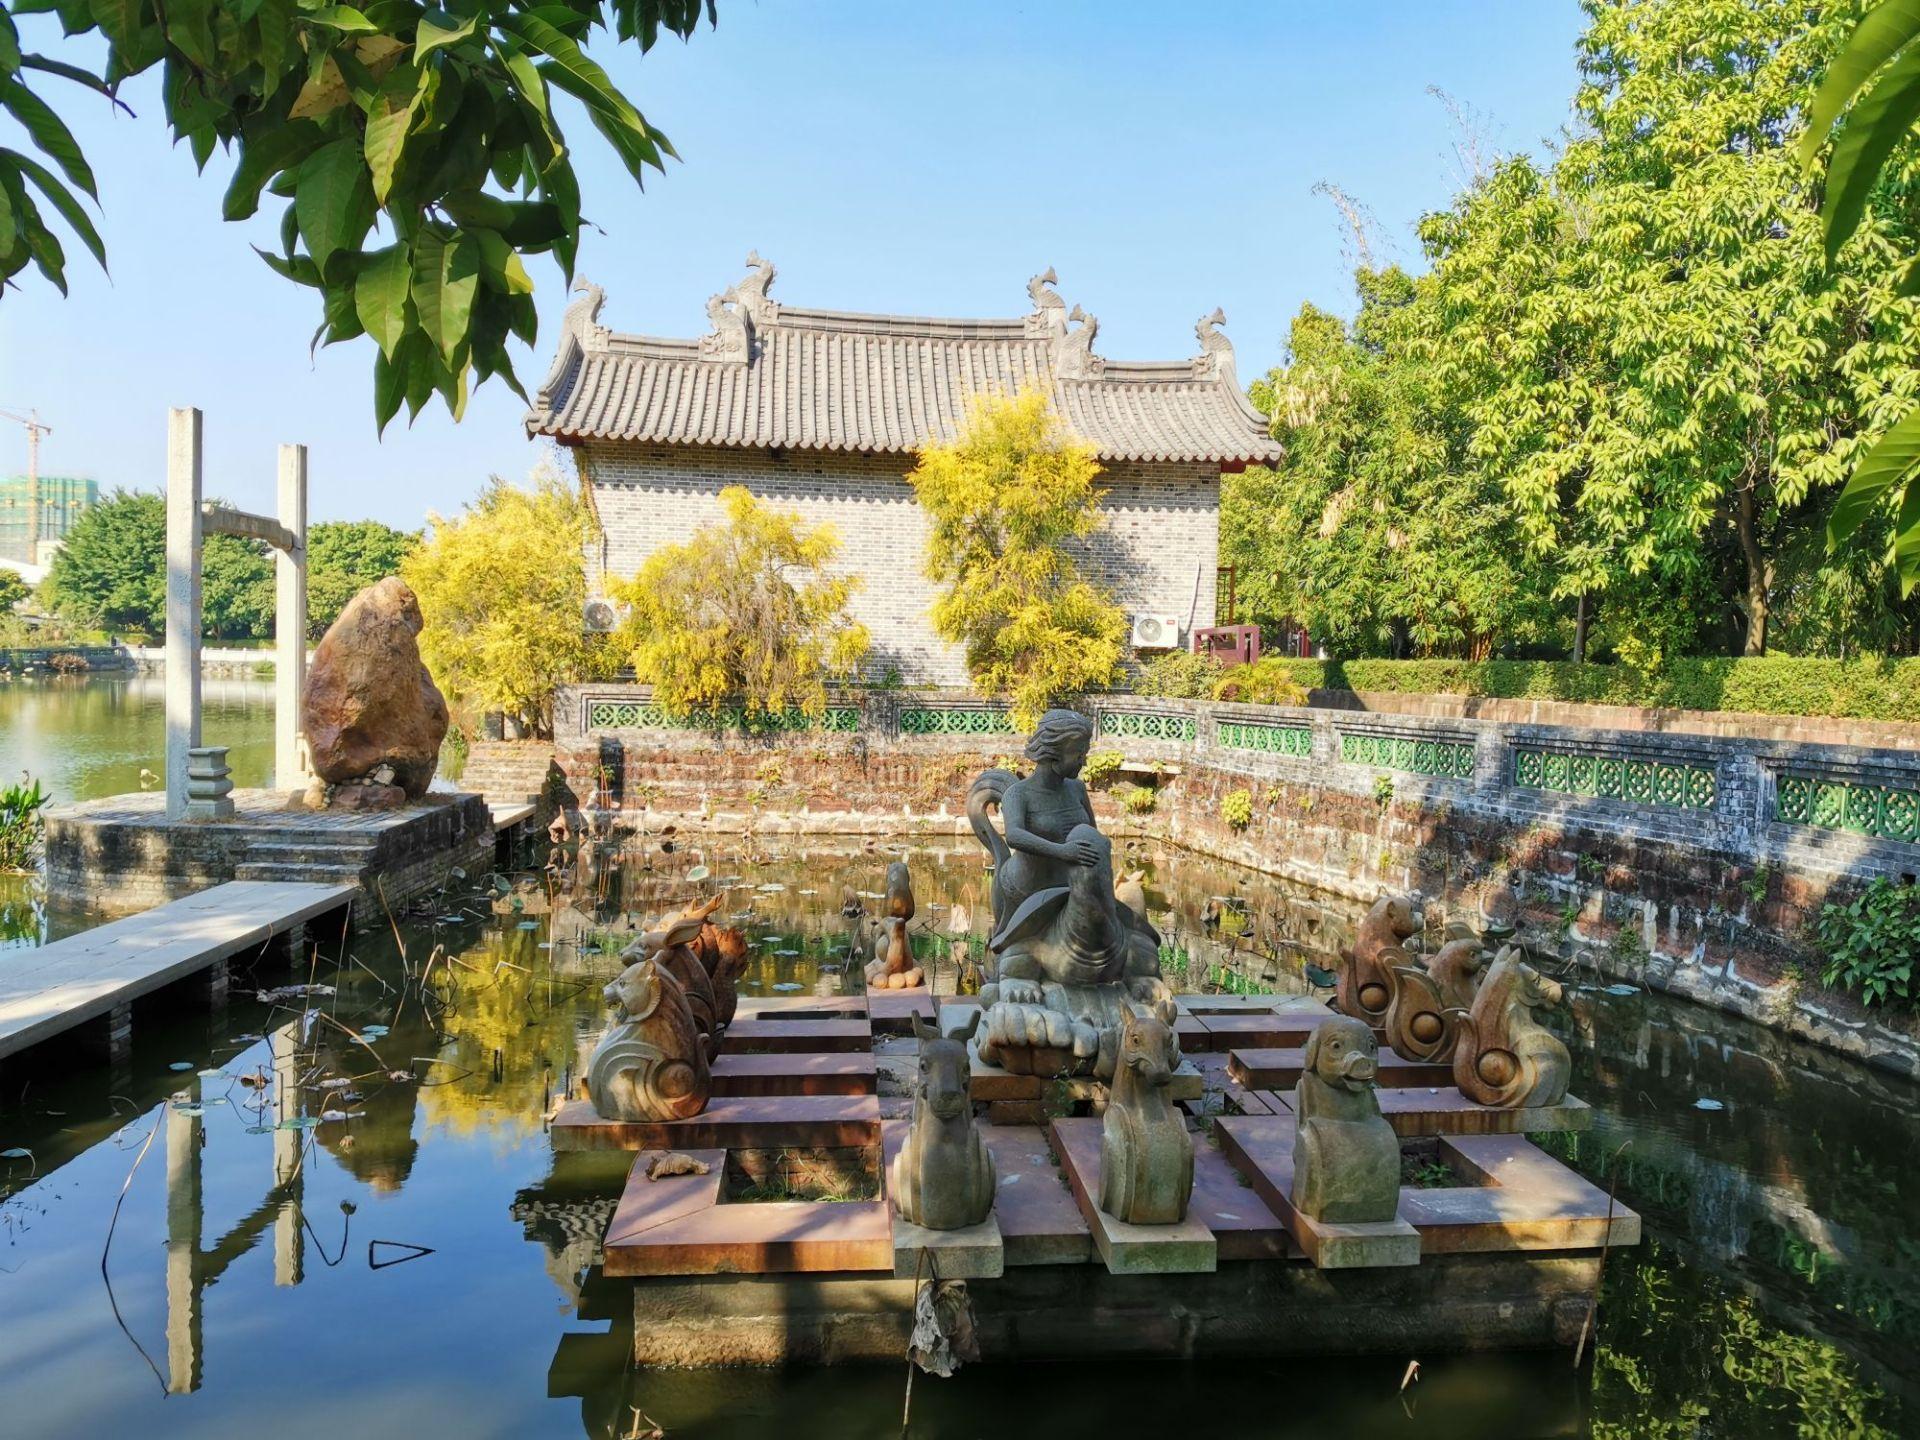 Yuan Chonghuan Memorial Park